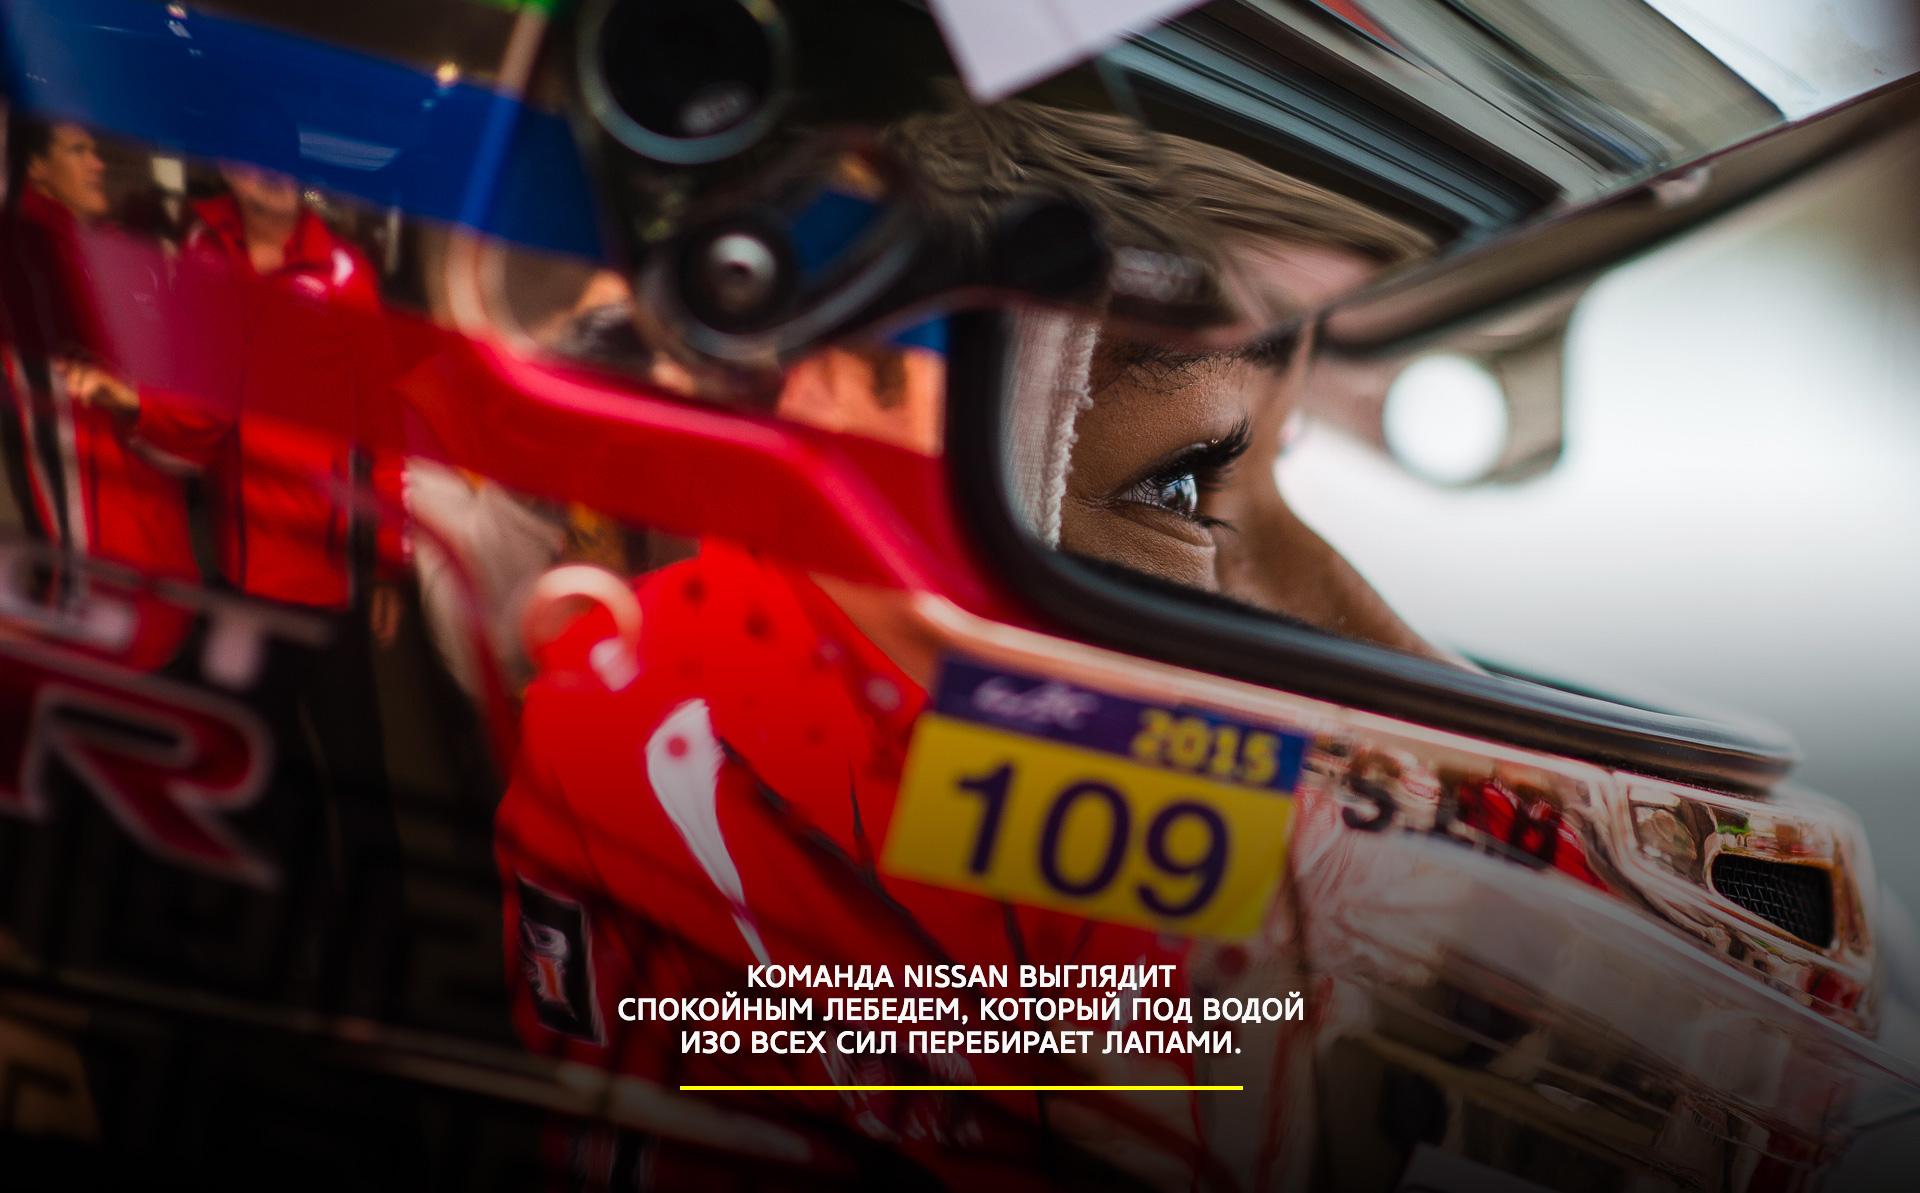 Переднеприводный автомобиль-пылесос пытается победить в Ле-Мане: как это работает. Фото 8